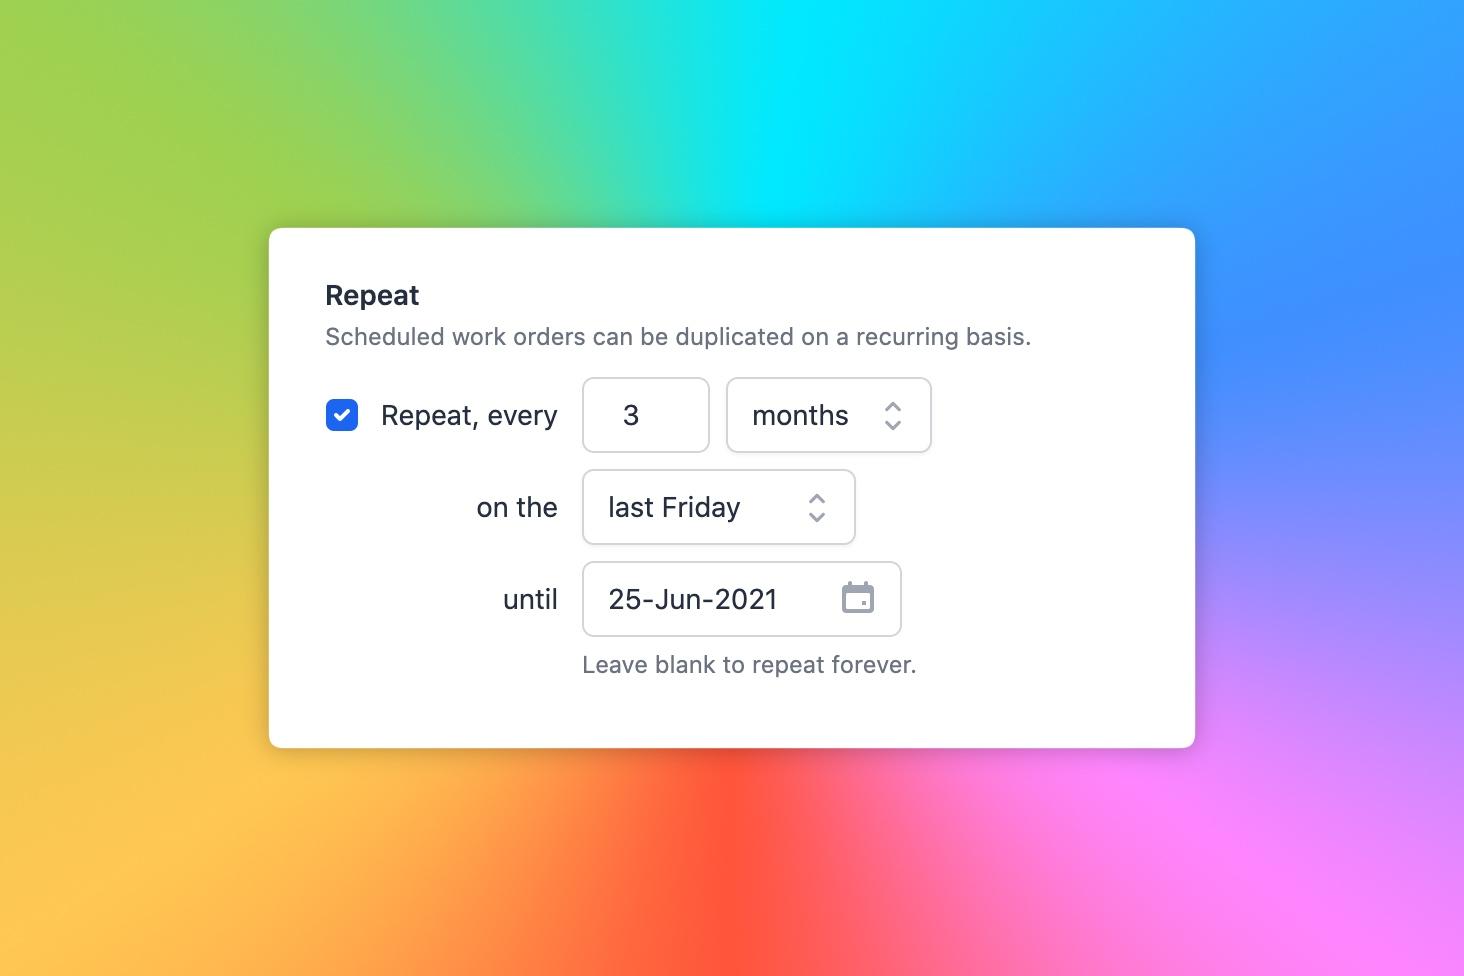 Repeating work order UI